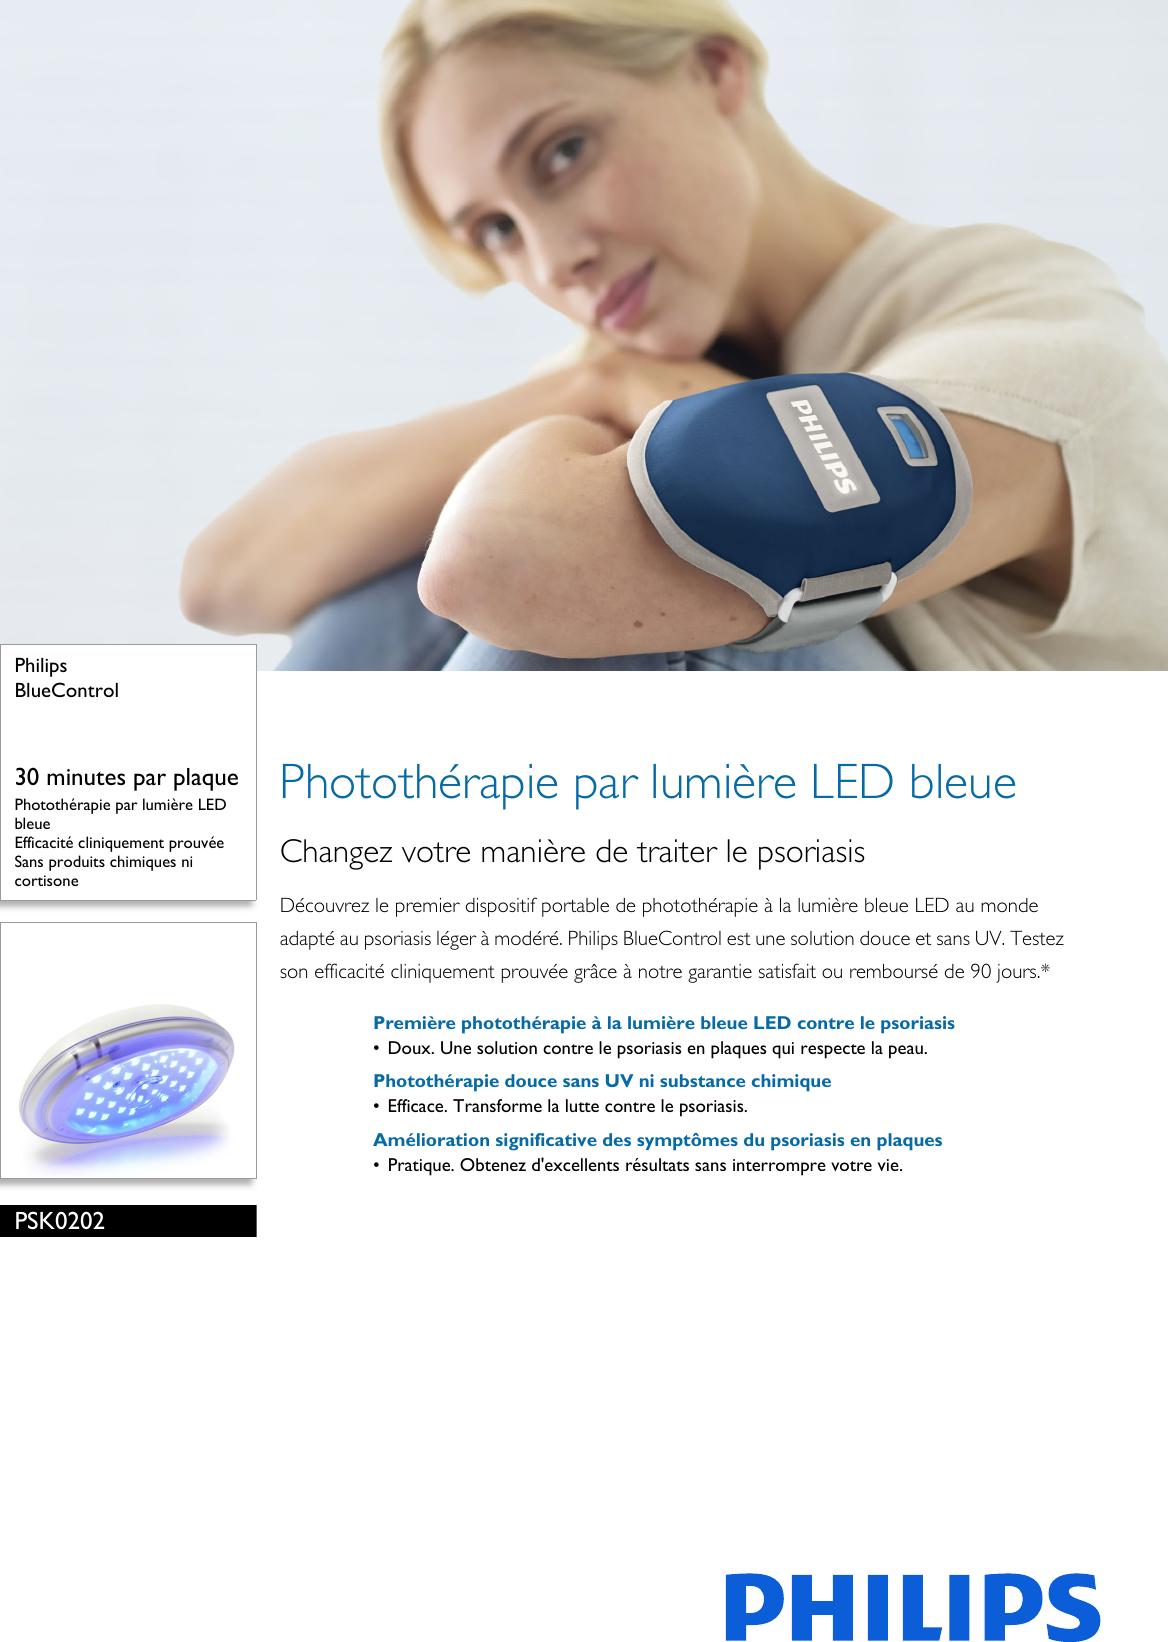 Leaflet 10 Psk0202 Philips Released Psk0202 BelgiumfrenchUser tCQxsrdh